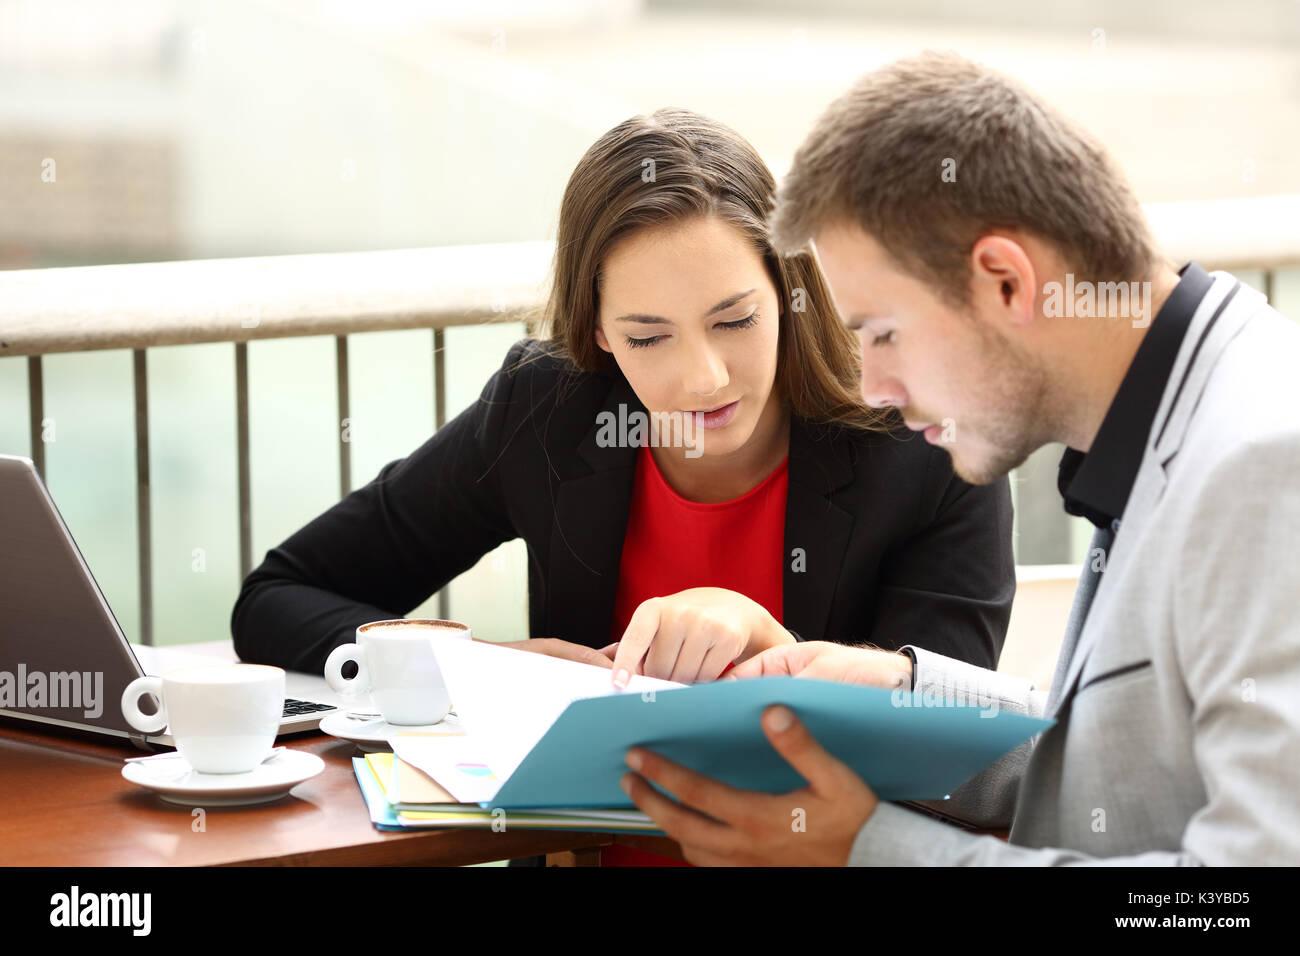 Dos ejecutivos coworking analizando documentos sentado en un bar. Imagen De Stock